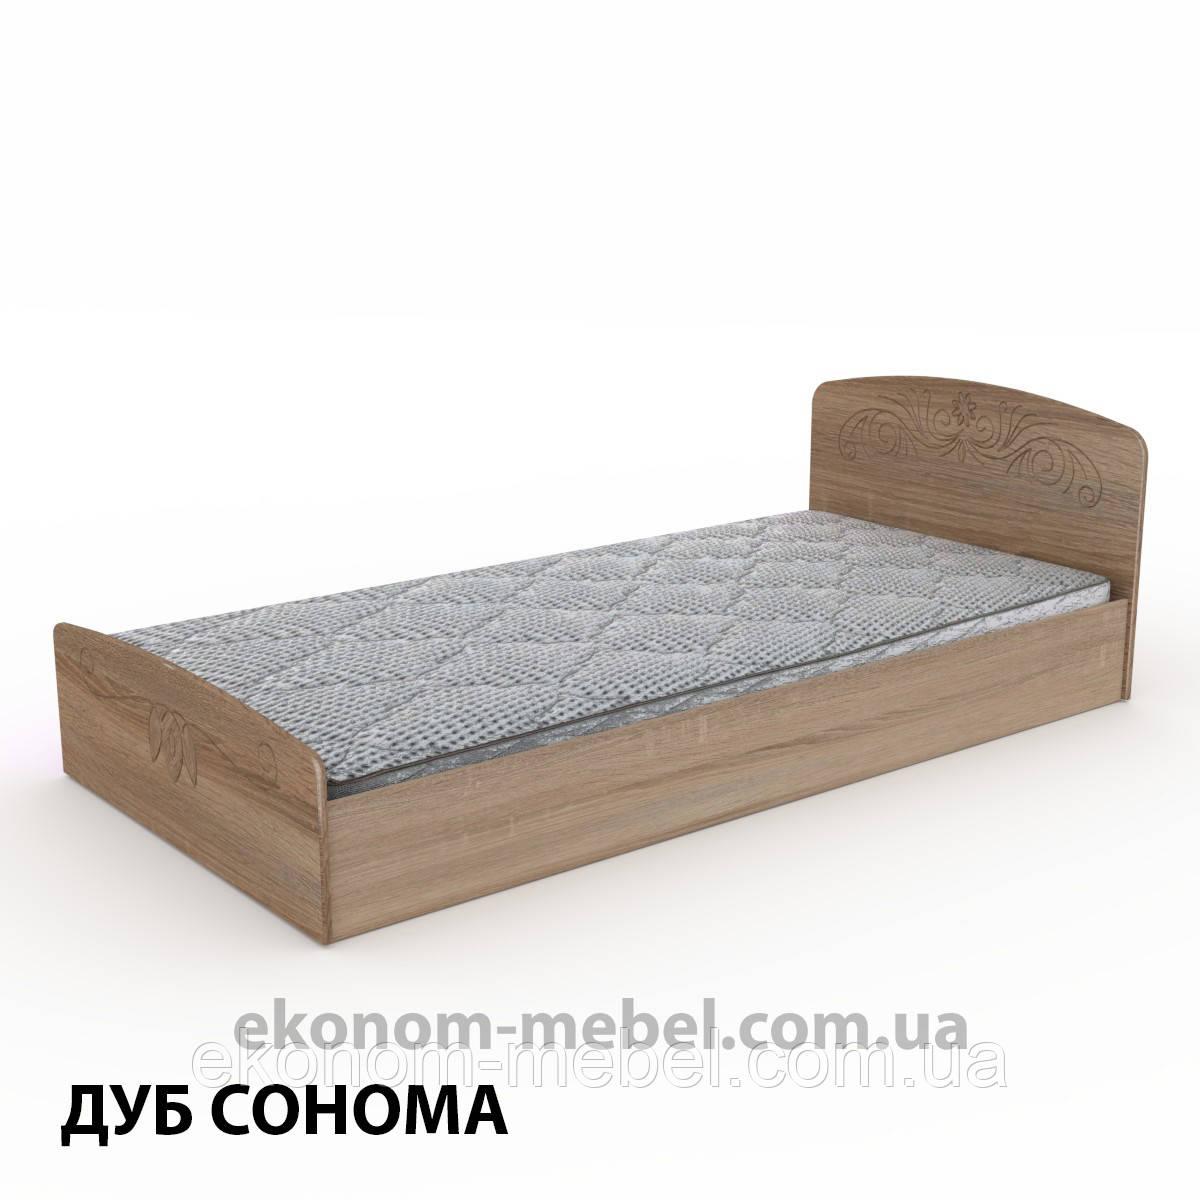 Кровать Нежность-90 МДФ полуторная стандартная с нишей для хранения